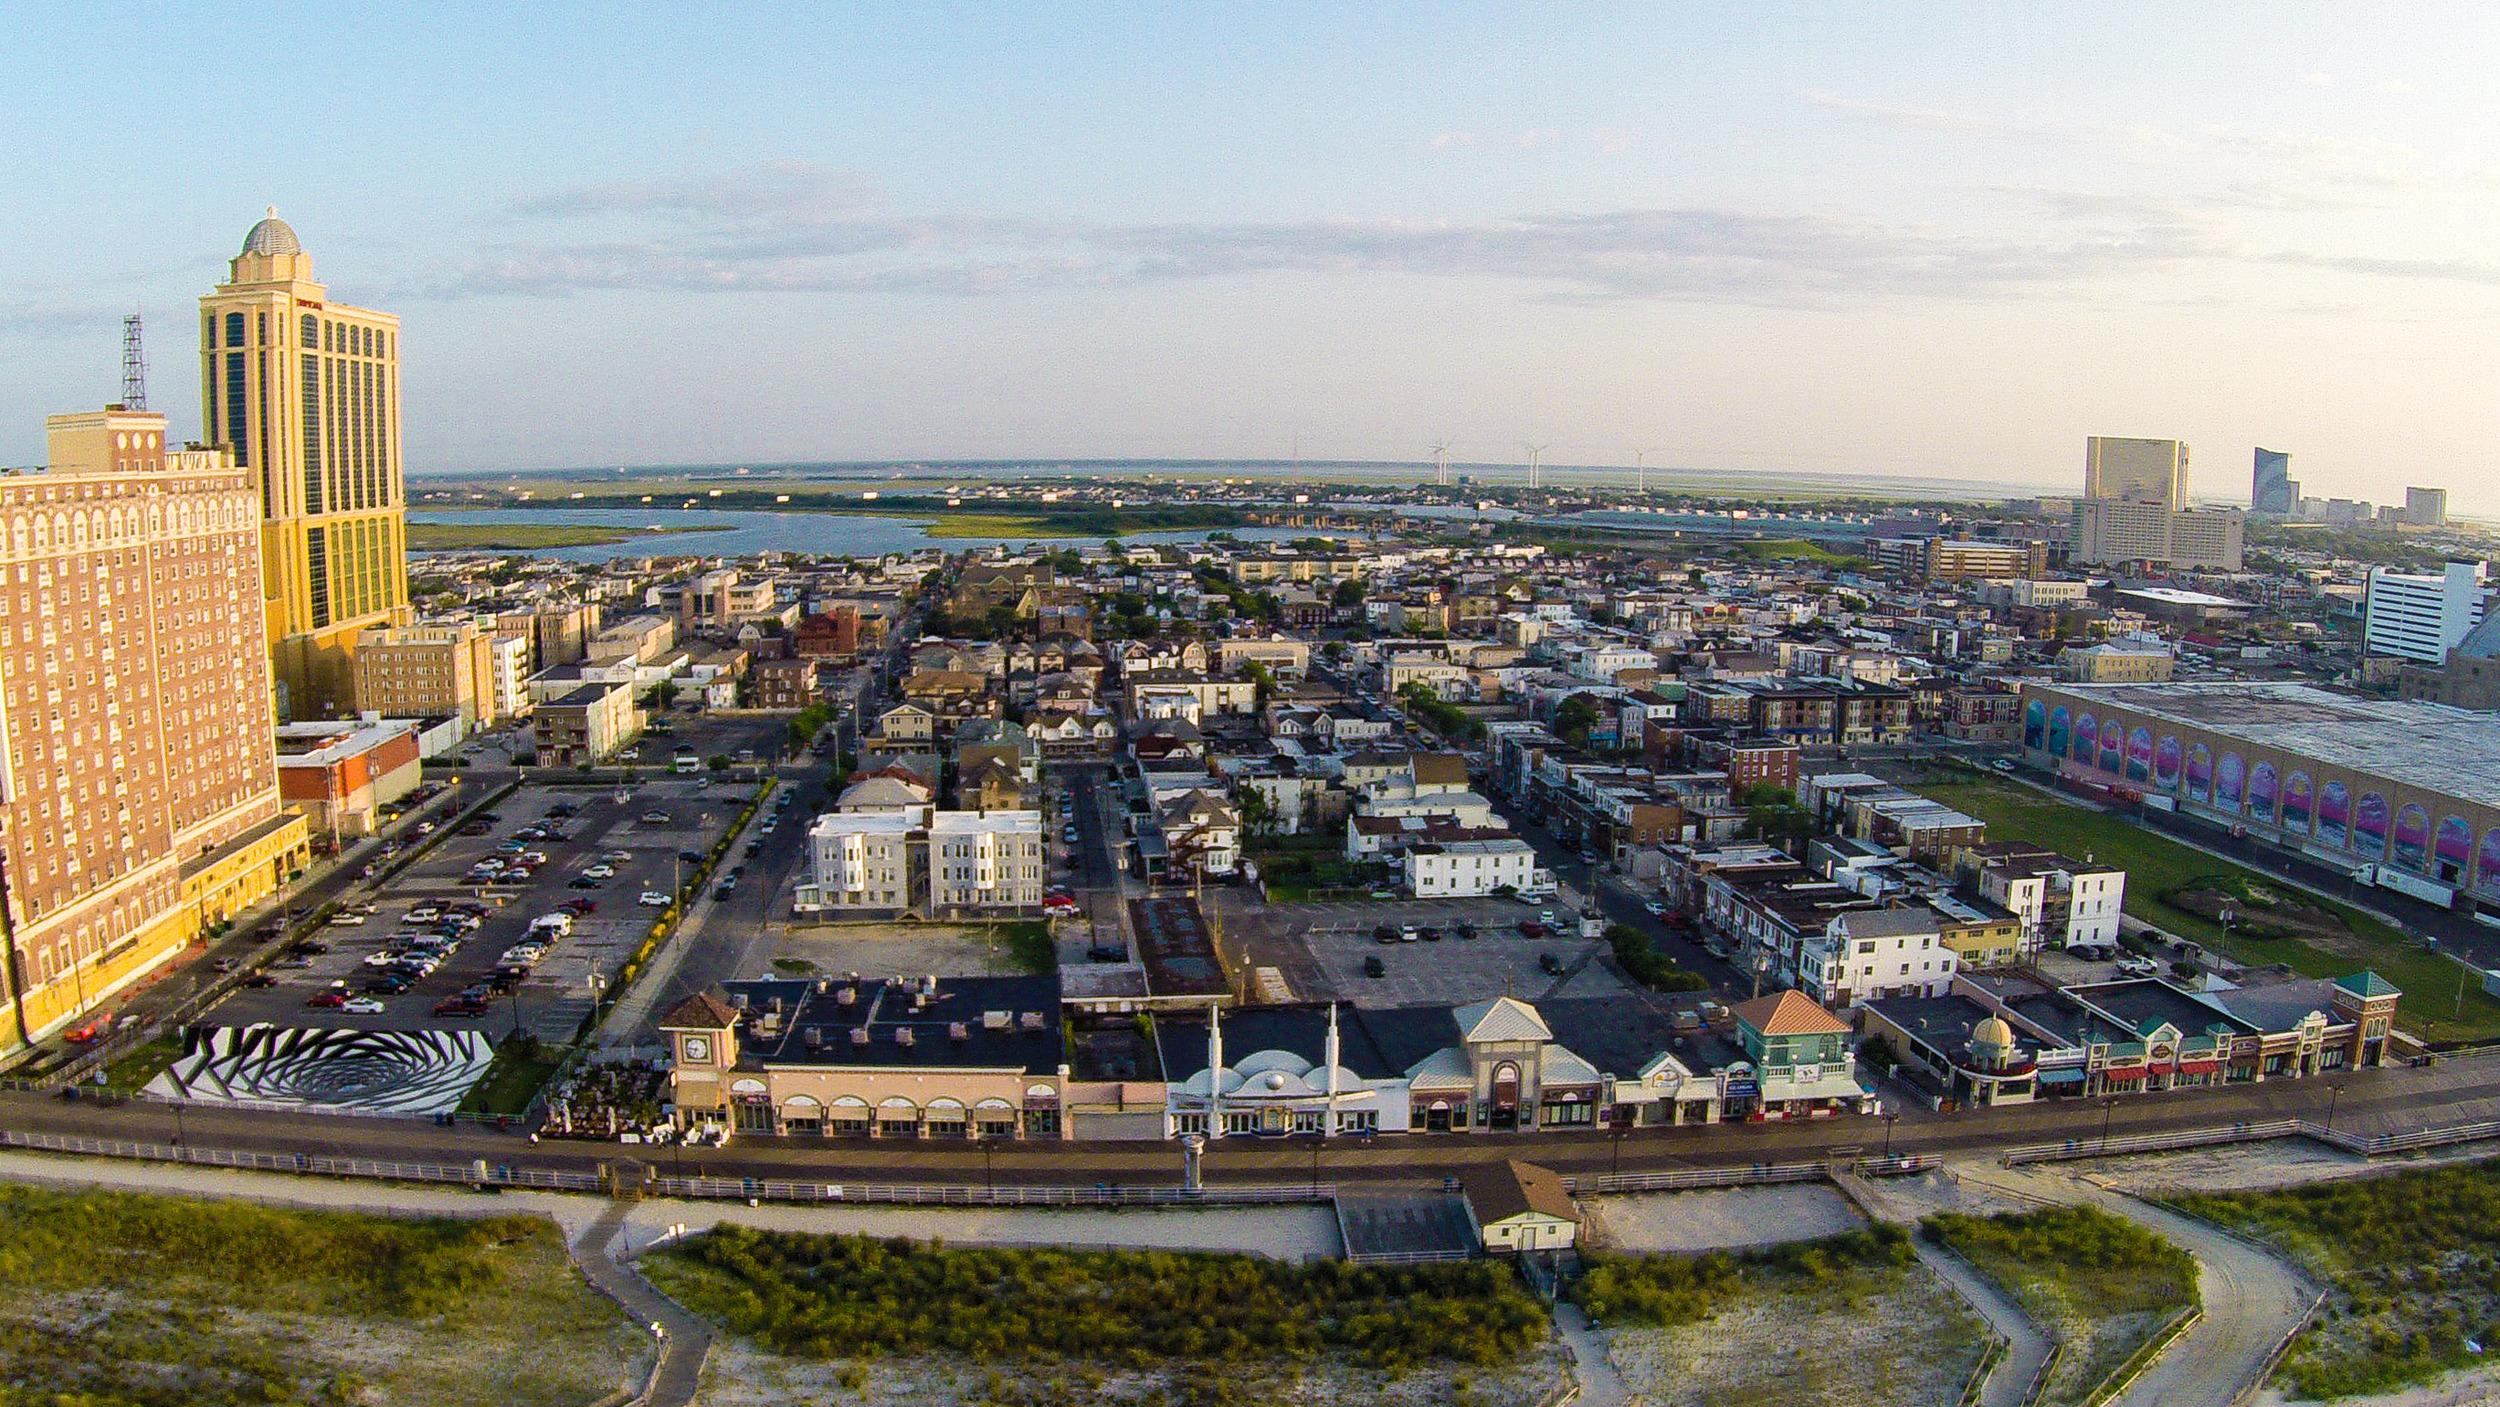 Atlantic City during sunrise